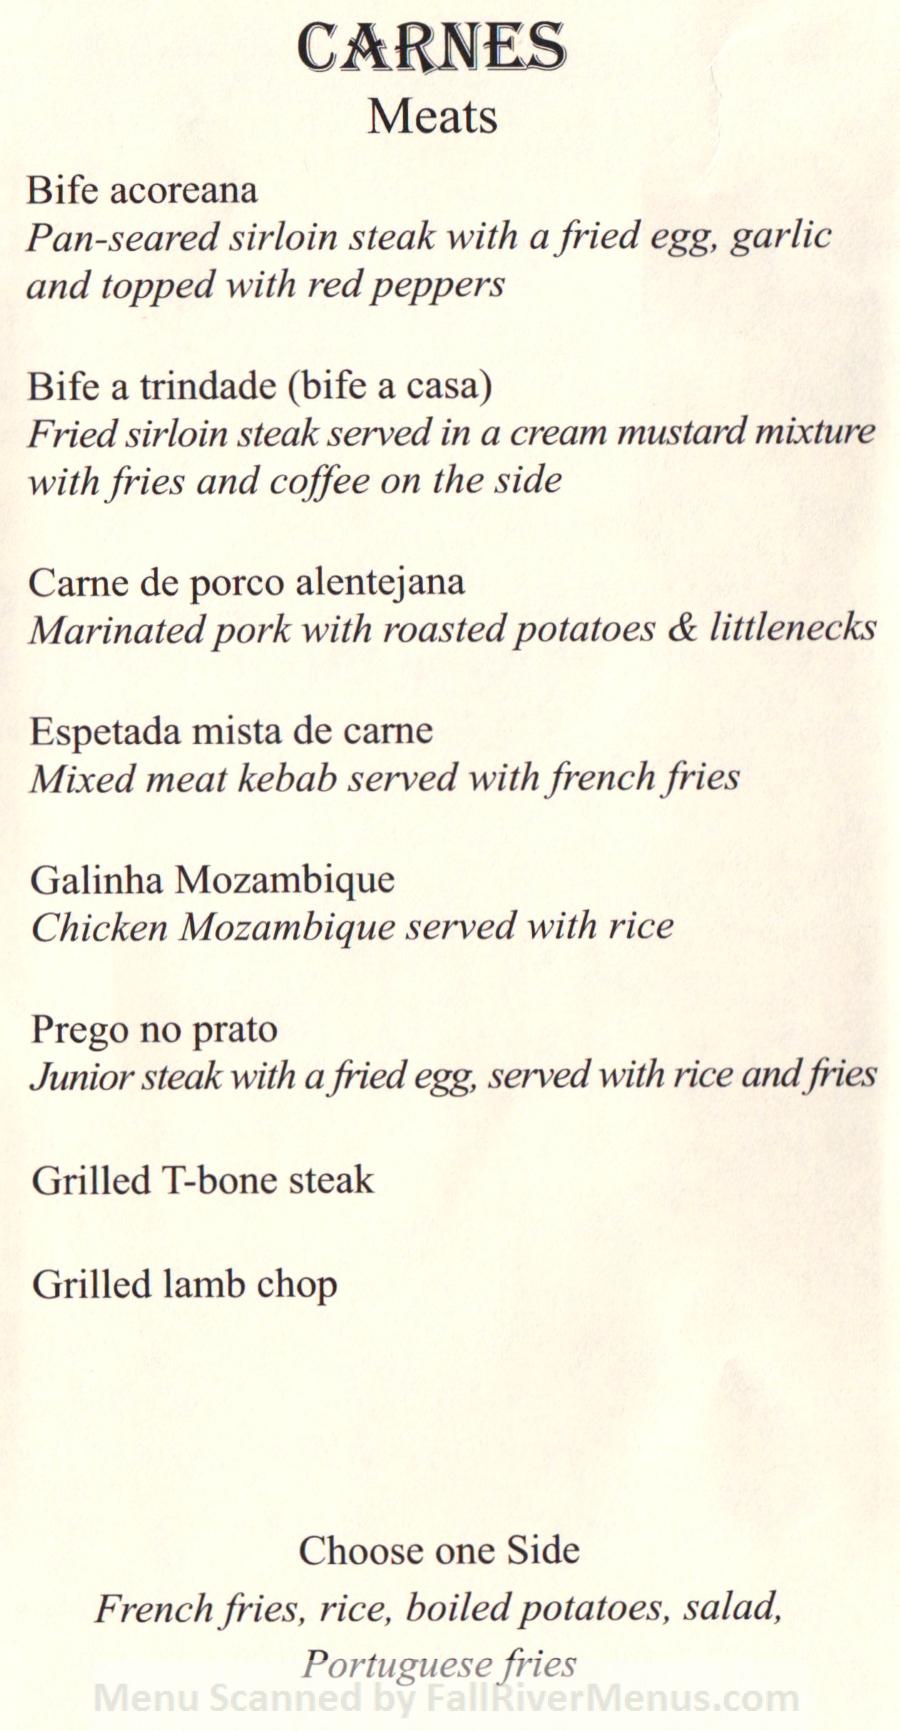 beira-alta-restaurant-menu-3-scnd-10-2-2016